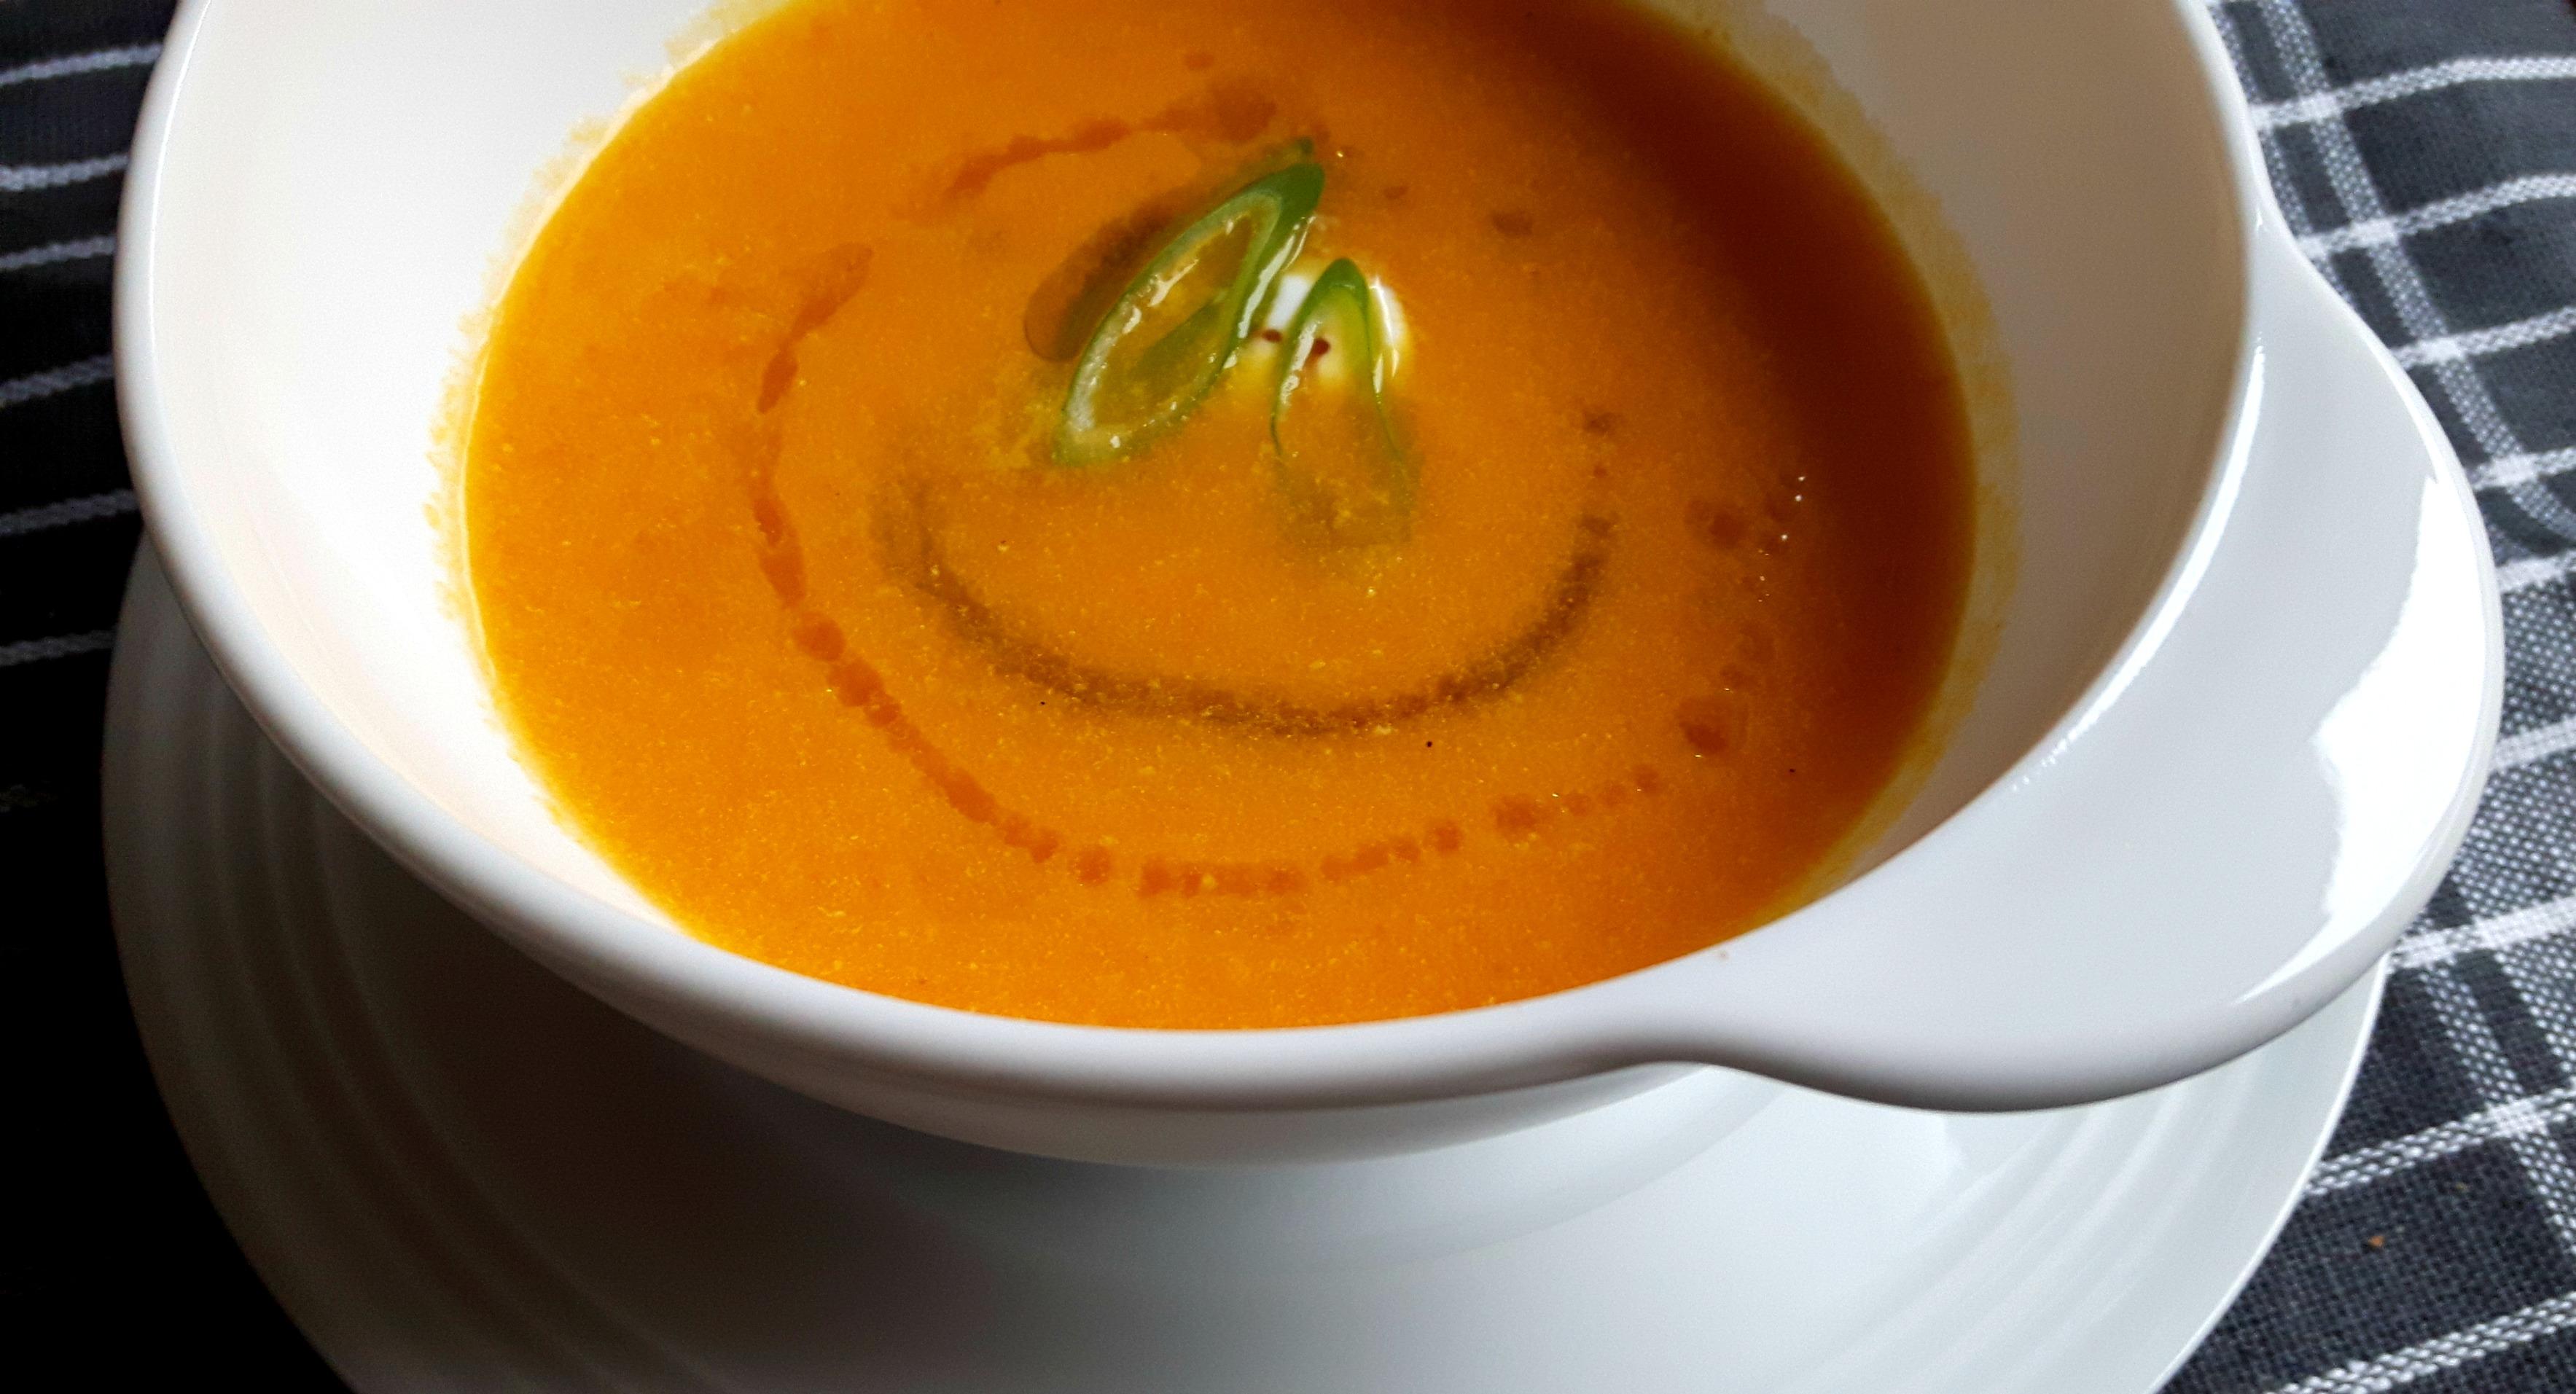 Încălzește-te cu o supă cremă de morcovi ruptă din...soare